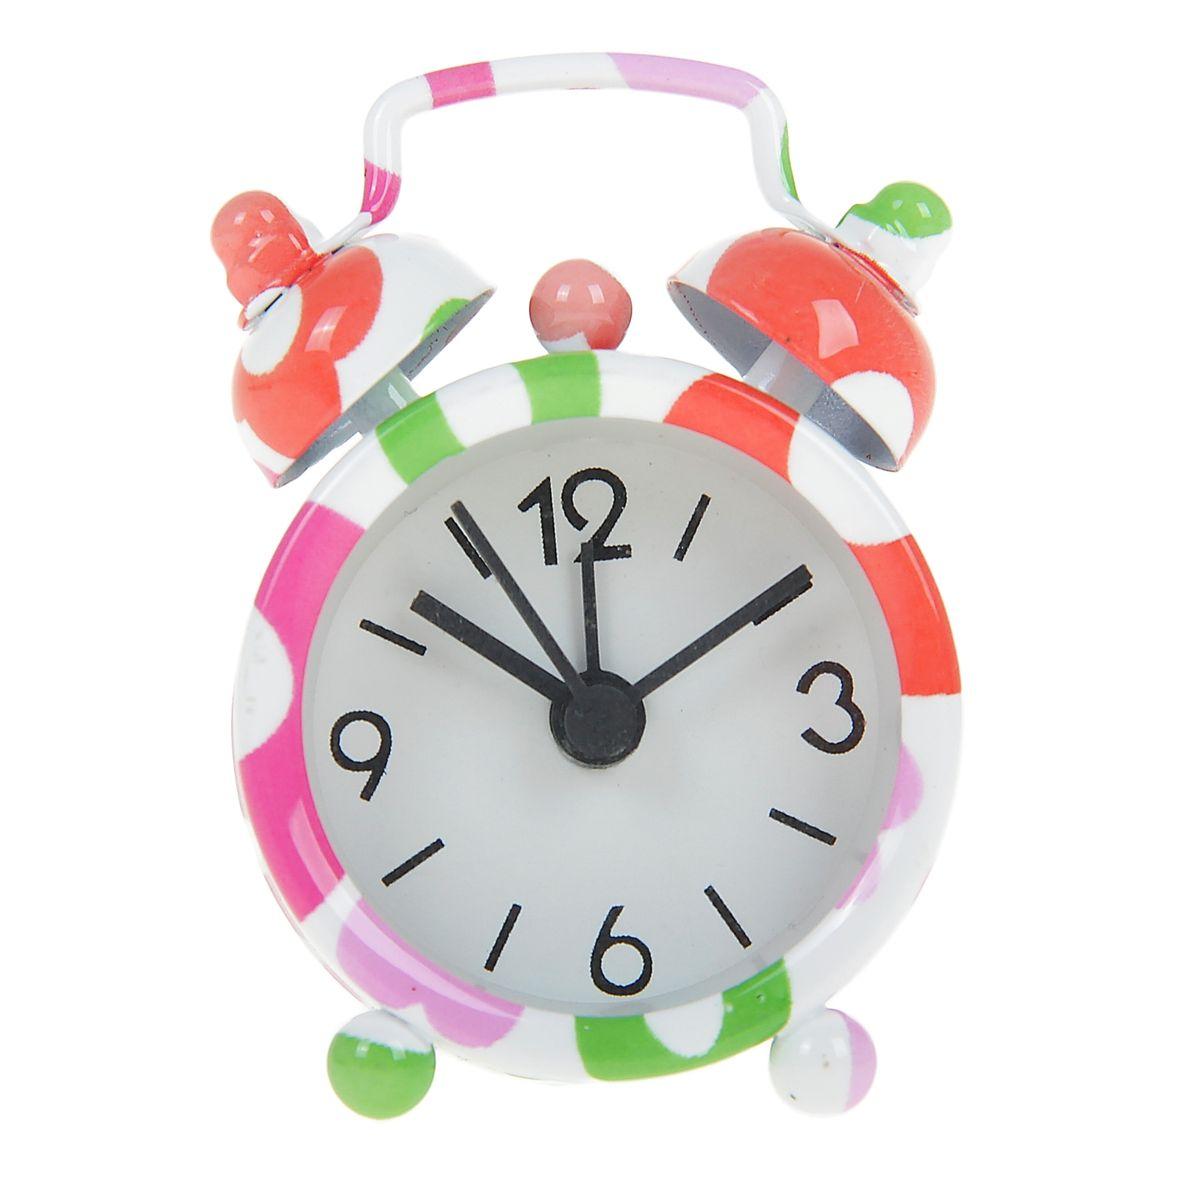 Часы-будильник Sima-land Полевые цветы840943Как же сложно иногда вставать вовремя! Всегда так хочется поспать еще хотя бы 5 минут и бывает, что мы просыпаем. Теперь этого не случится! Яркий, оригинальный будильник Sima-land Полевые цветы поможет вам всегда вставать в нужное время и успевать везде и всюду. Будильник украсит вашу комнату и приведет в восхищение друзей. Эта уменьшенная версия привычного будильника умещается на ладони и работает так же громко, как и привычные аналоги. Время показывает точно и будит в установленный час.На задней панели будильника расположены переключатель включения/выключения механизма, а также два колесика для настройки текущего времени и времени звонка будильника.Будильник работает от 1 батарейки типа LR44 (входит в комплект).